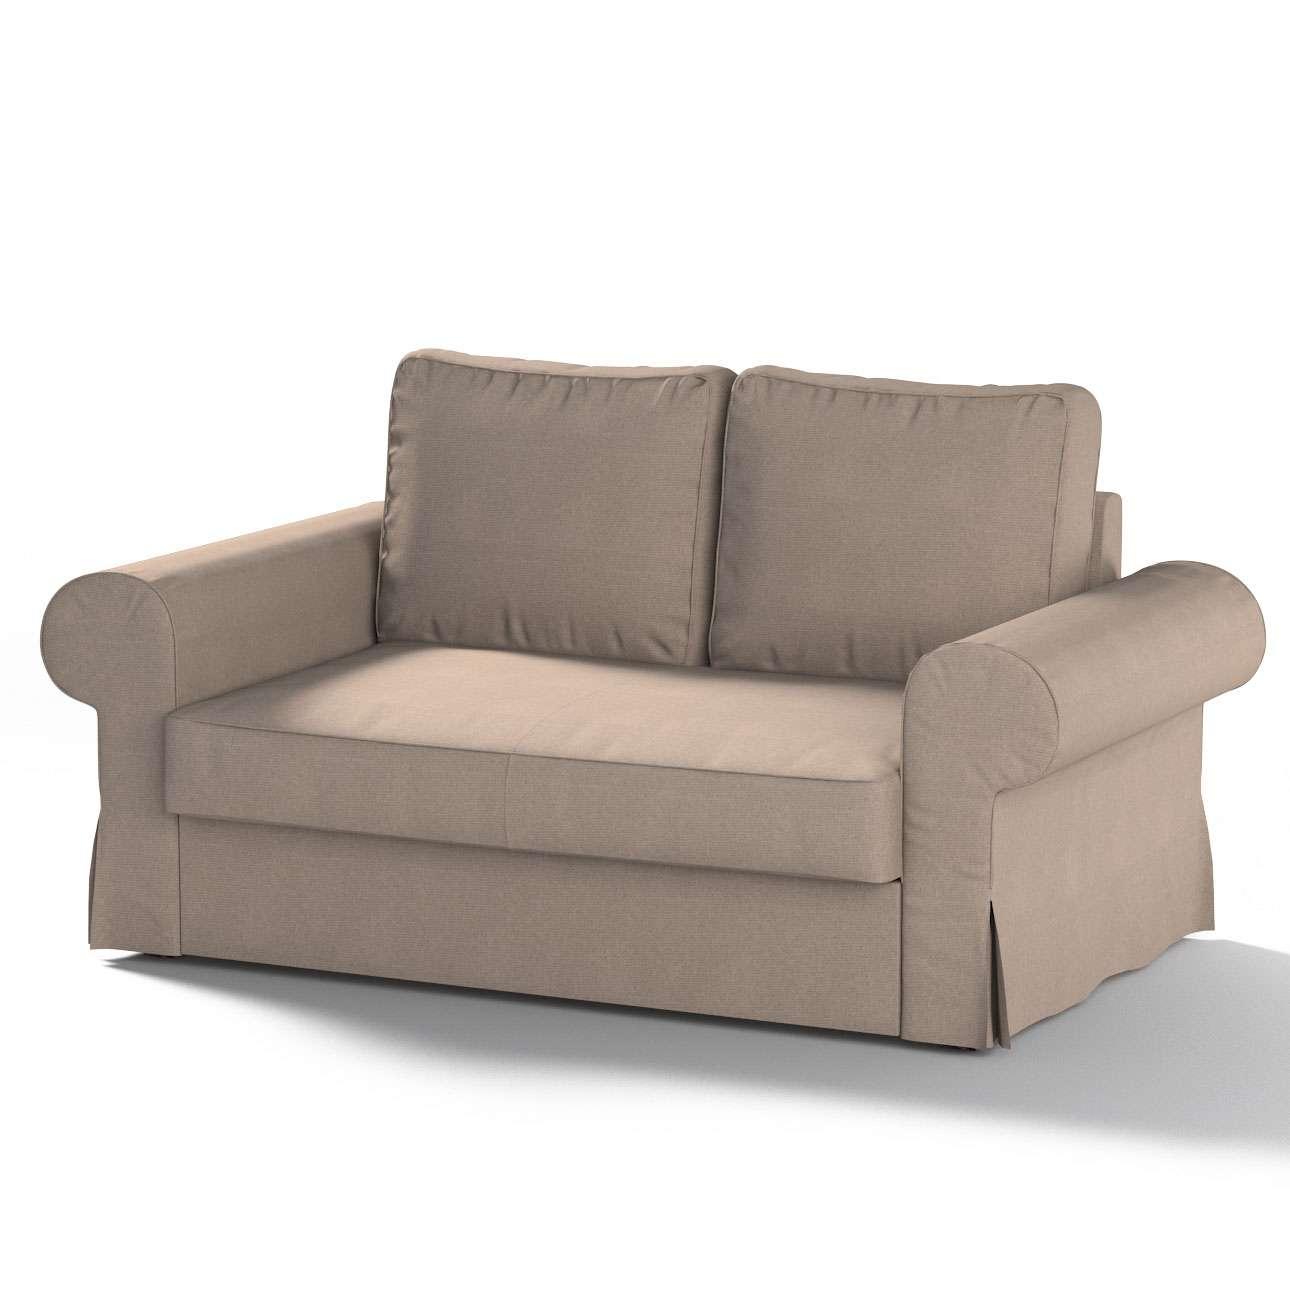 Pokrowiec na sofę Backabro 2-osobową rozkładaną w kolekcji Etna , tkanina: 705-09